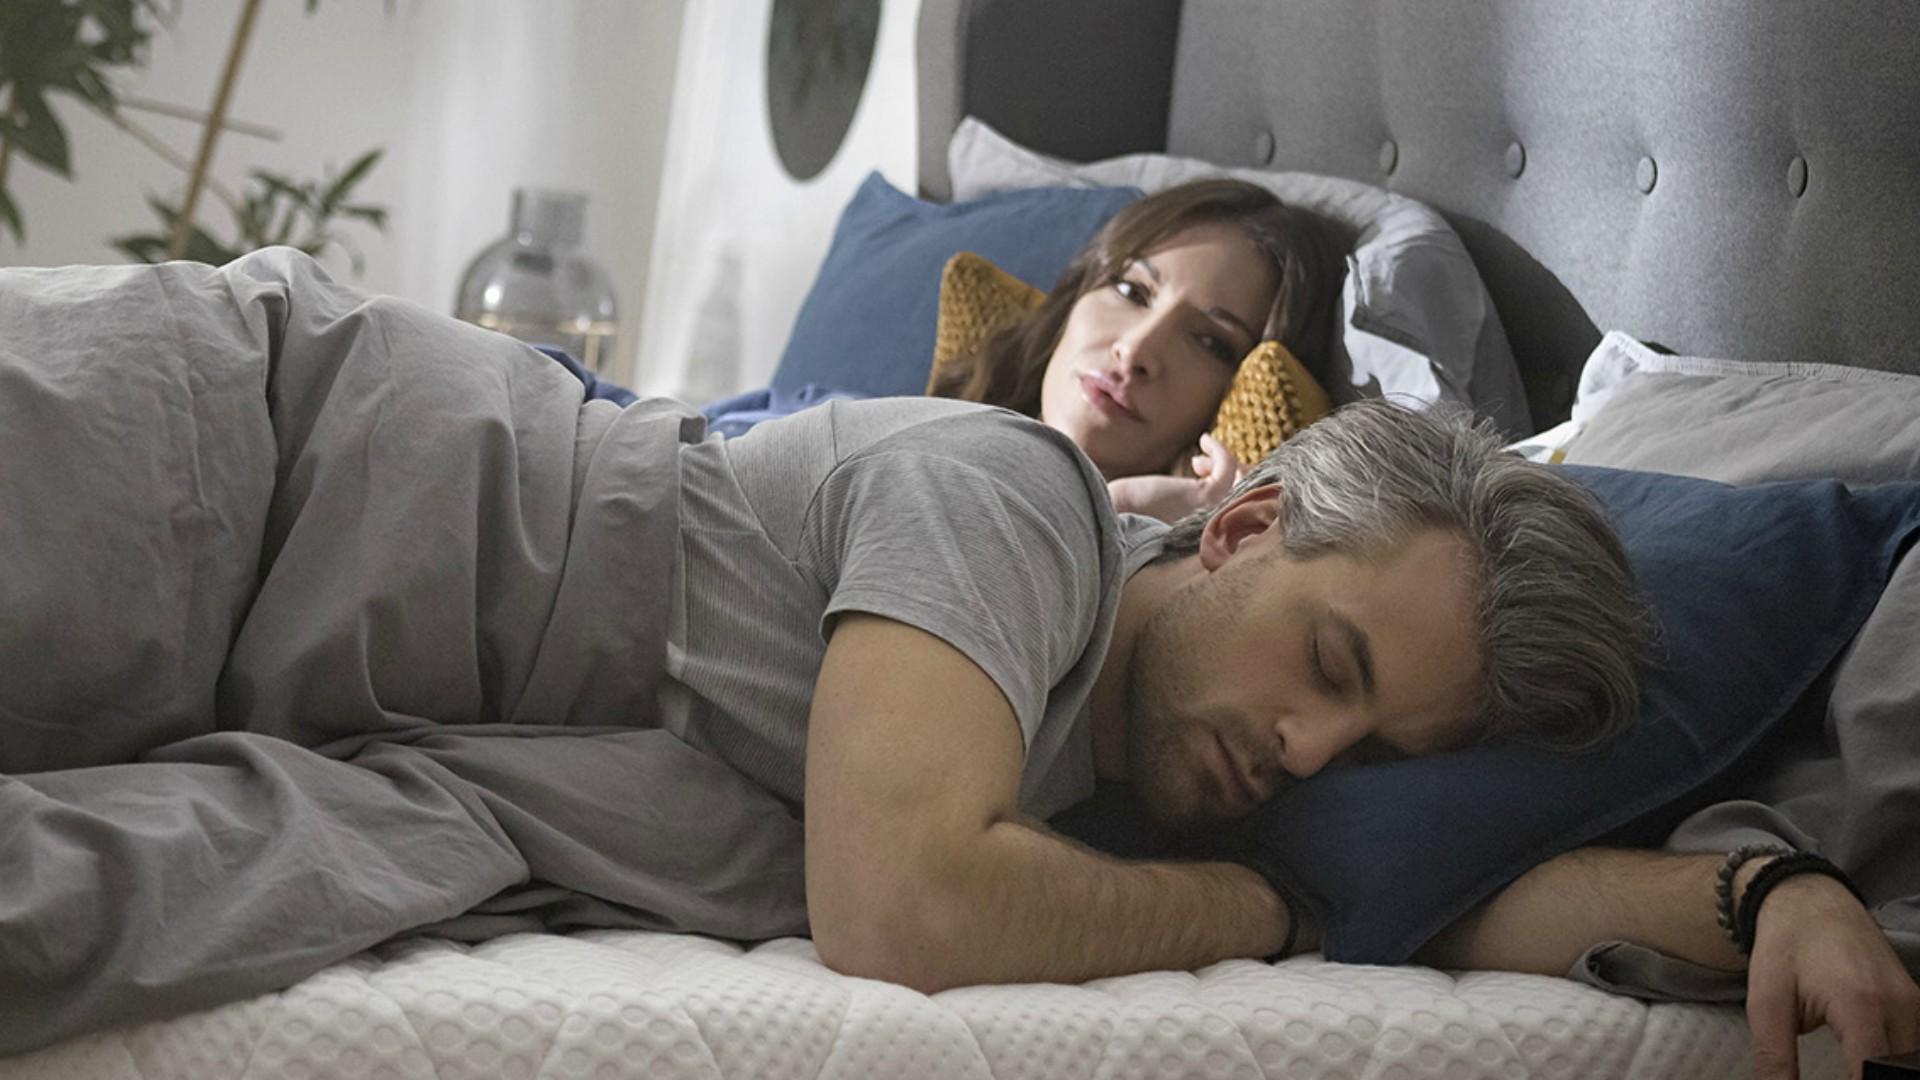 Nie jesteś w stanie wyspać się z partnerem? Czas na zmianę…